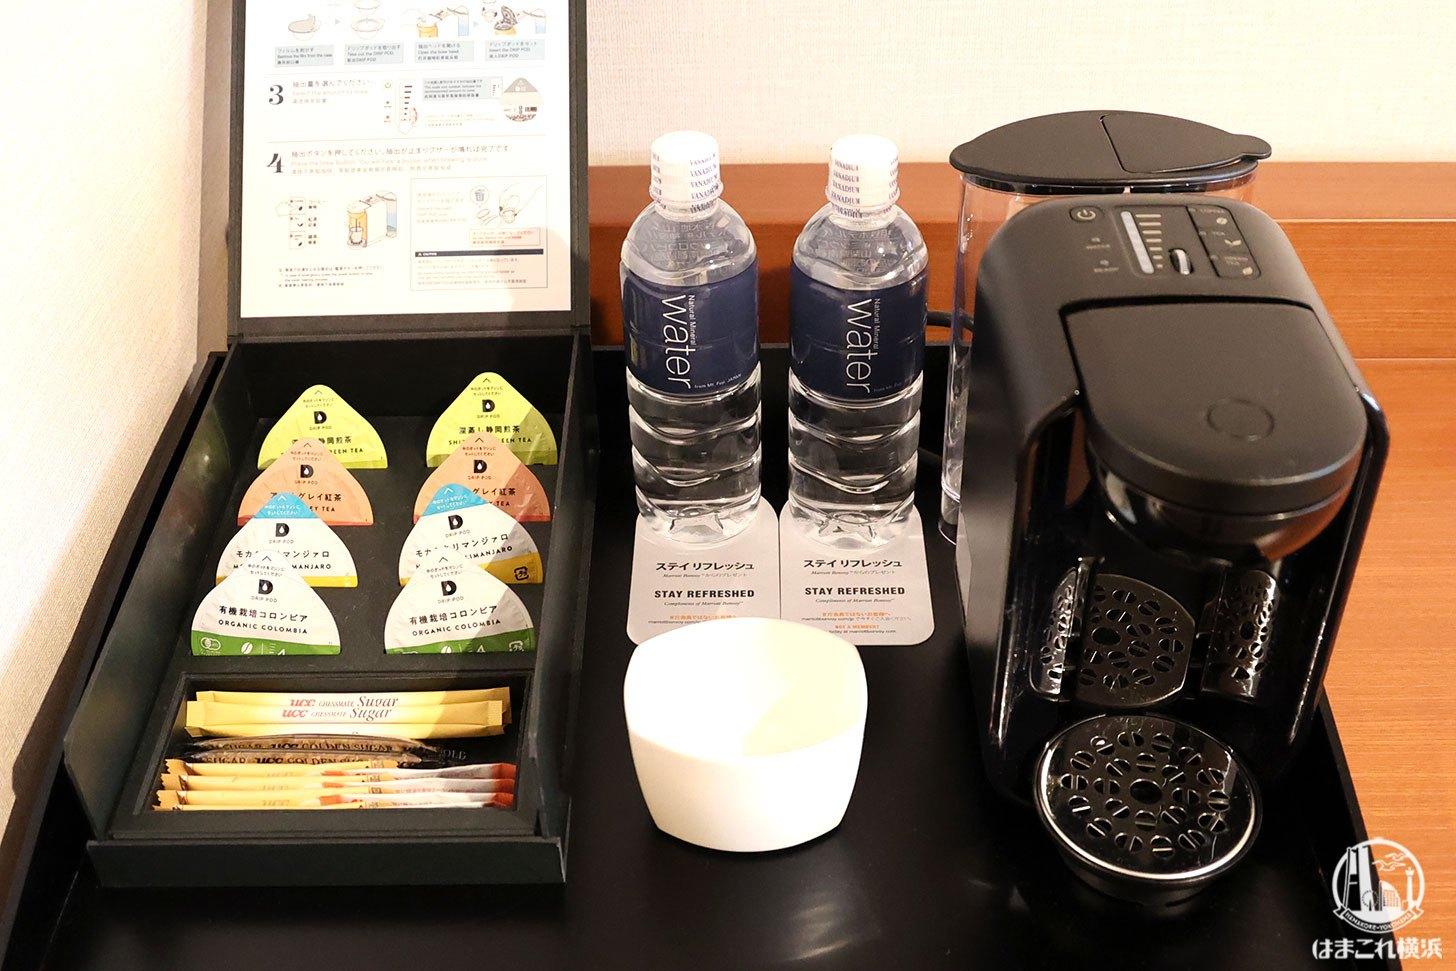 ラグジュアリーフロア「デラックスルーム」のコーヒーメーカー